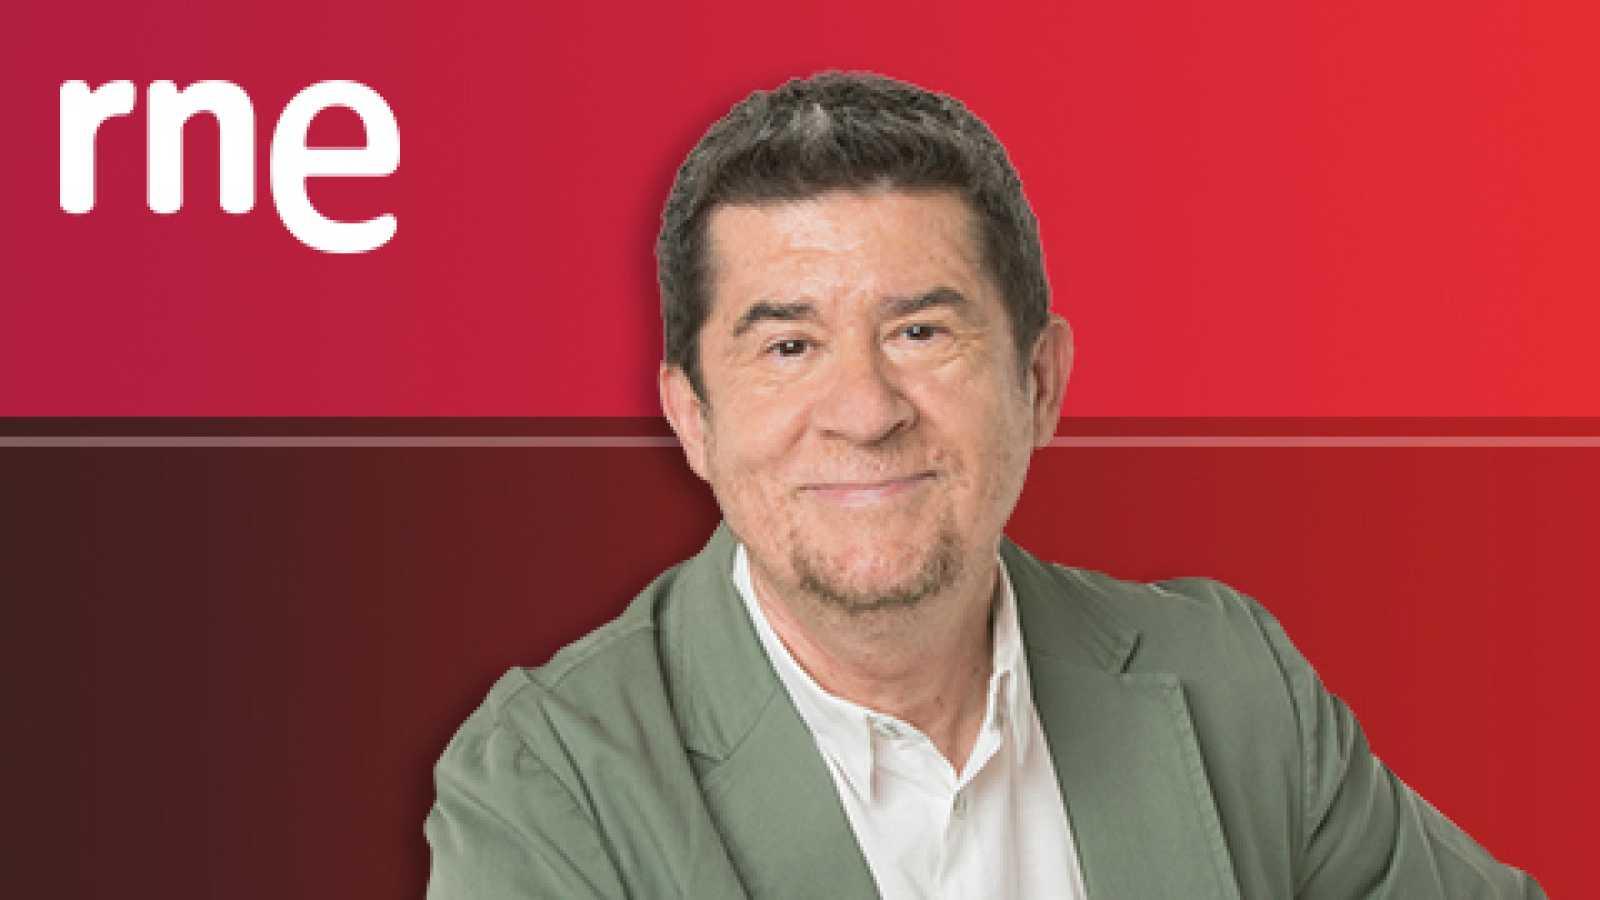 Entre dos luces - Mine y Chucho en Madrid - 19/11/18 - escuchar ahora